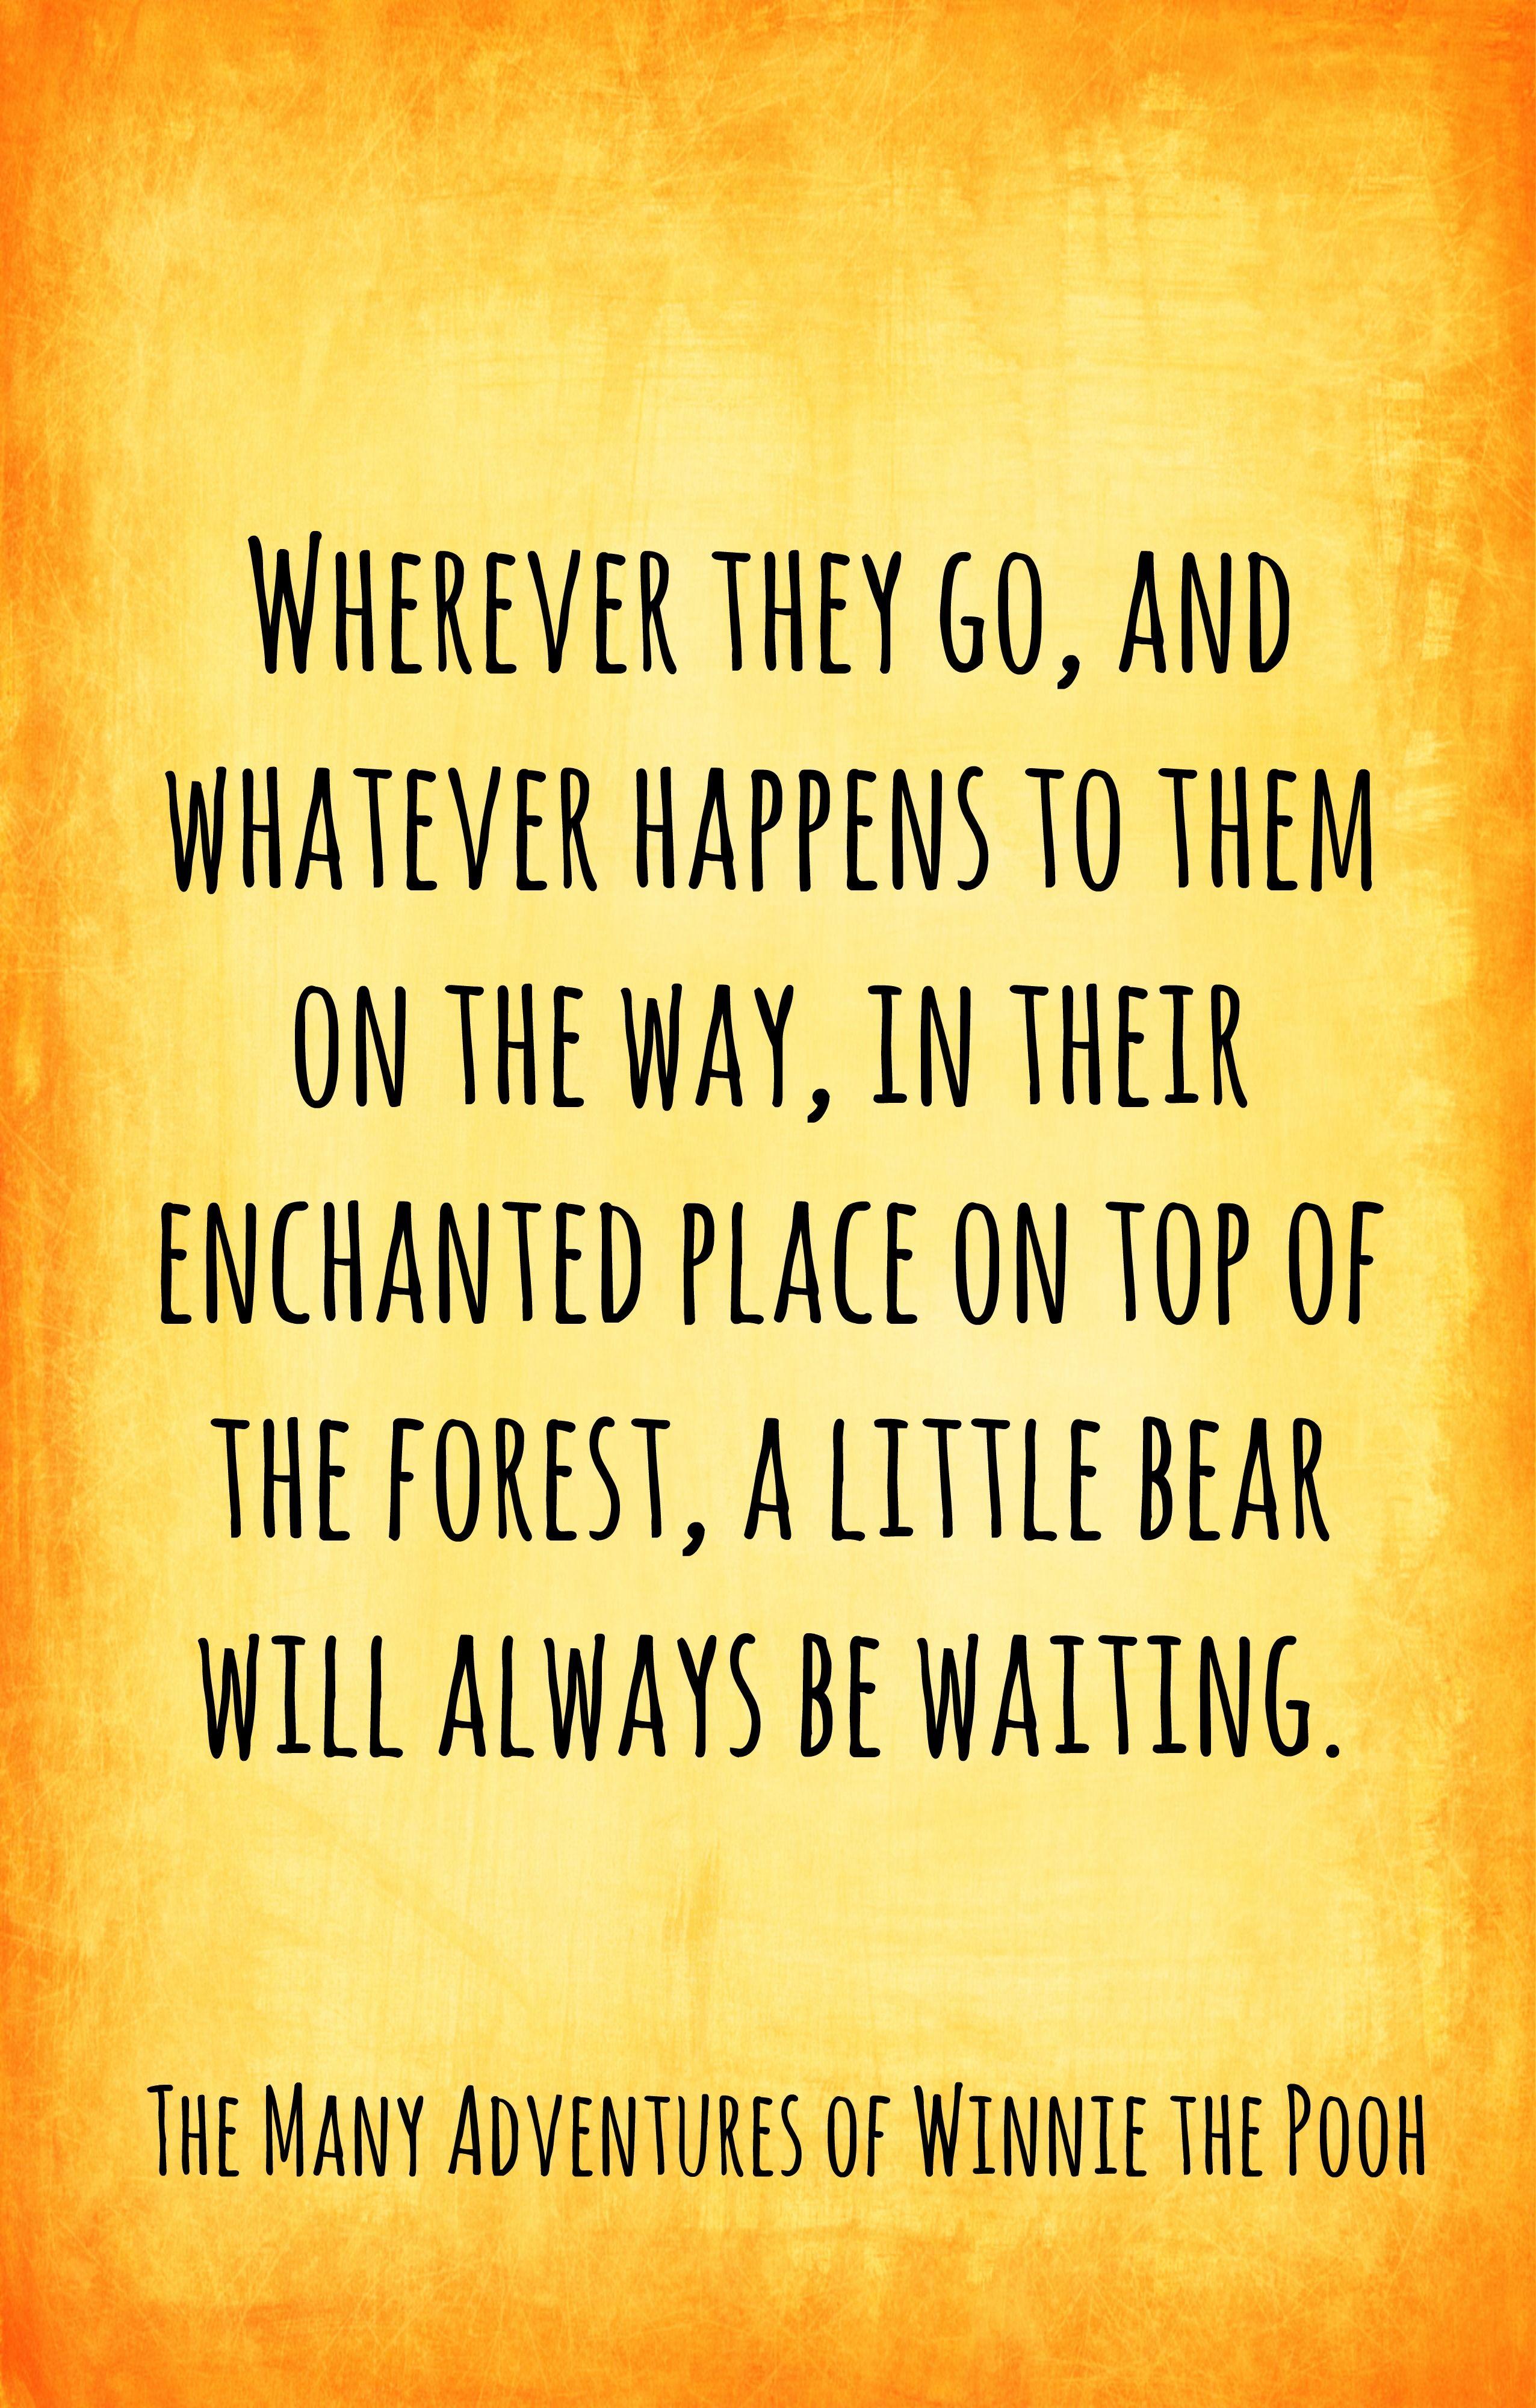 Winnie the Pooh quotes, Disney wisdom | Wisdom ... Disney Quotes Eeyore